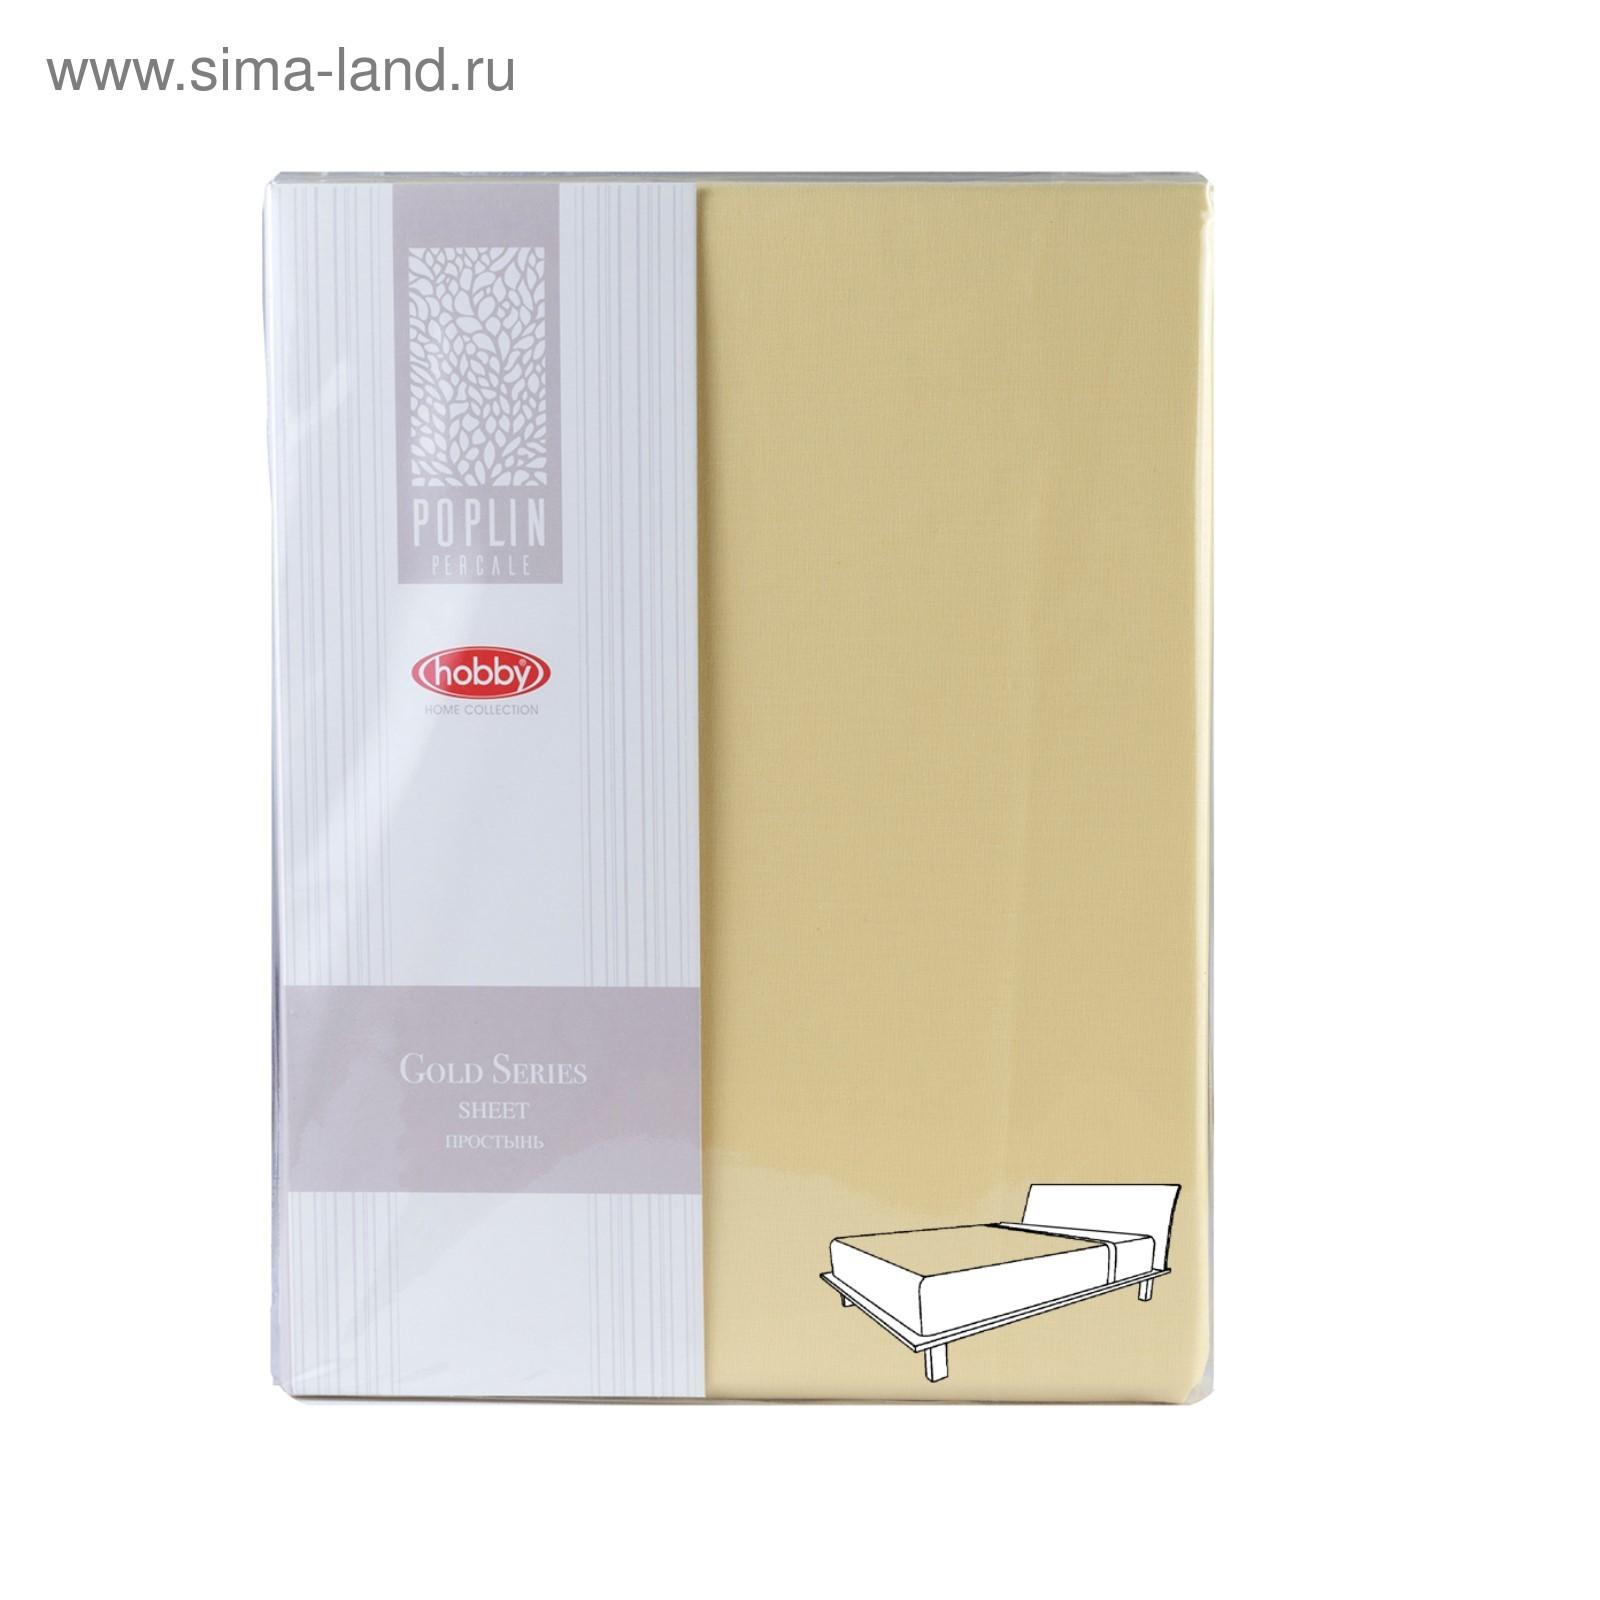 addcf1c200b1 Простыня на резинке, размер 180х200 см, цвет жёлтый (3644770 ...